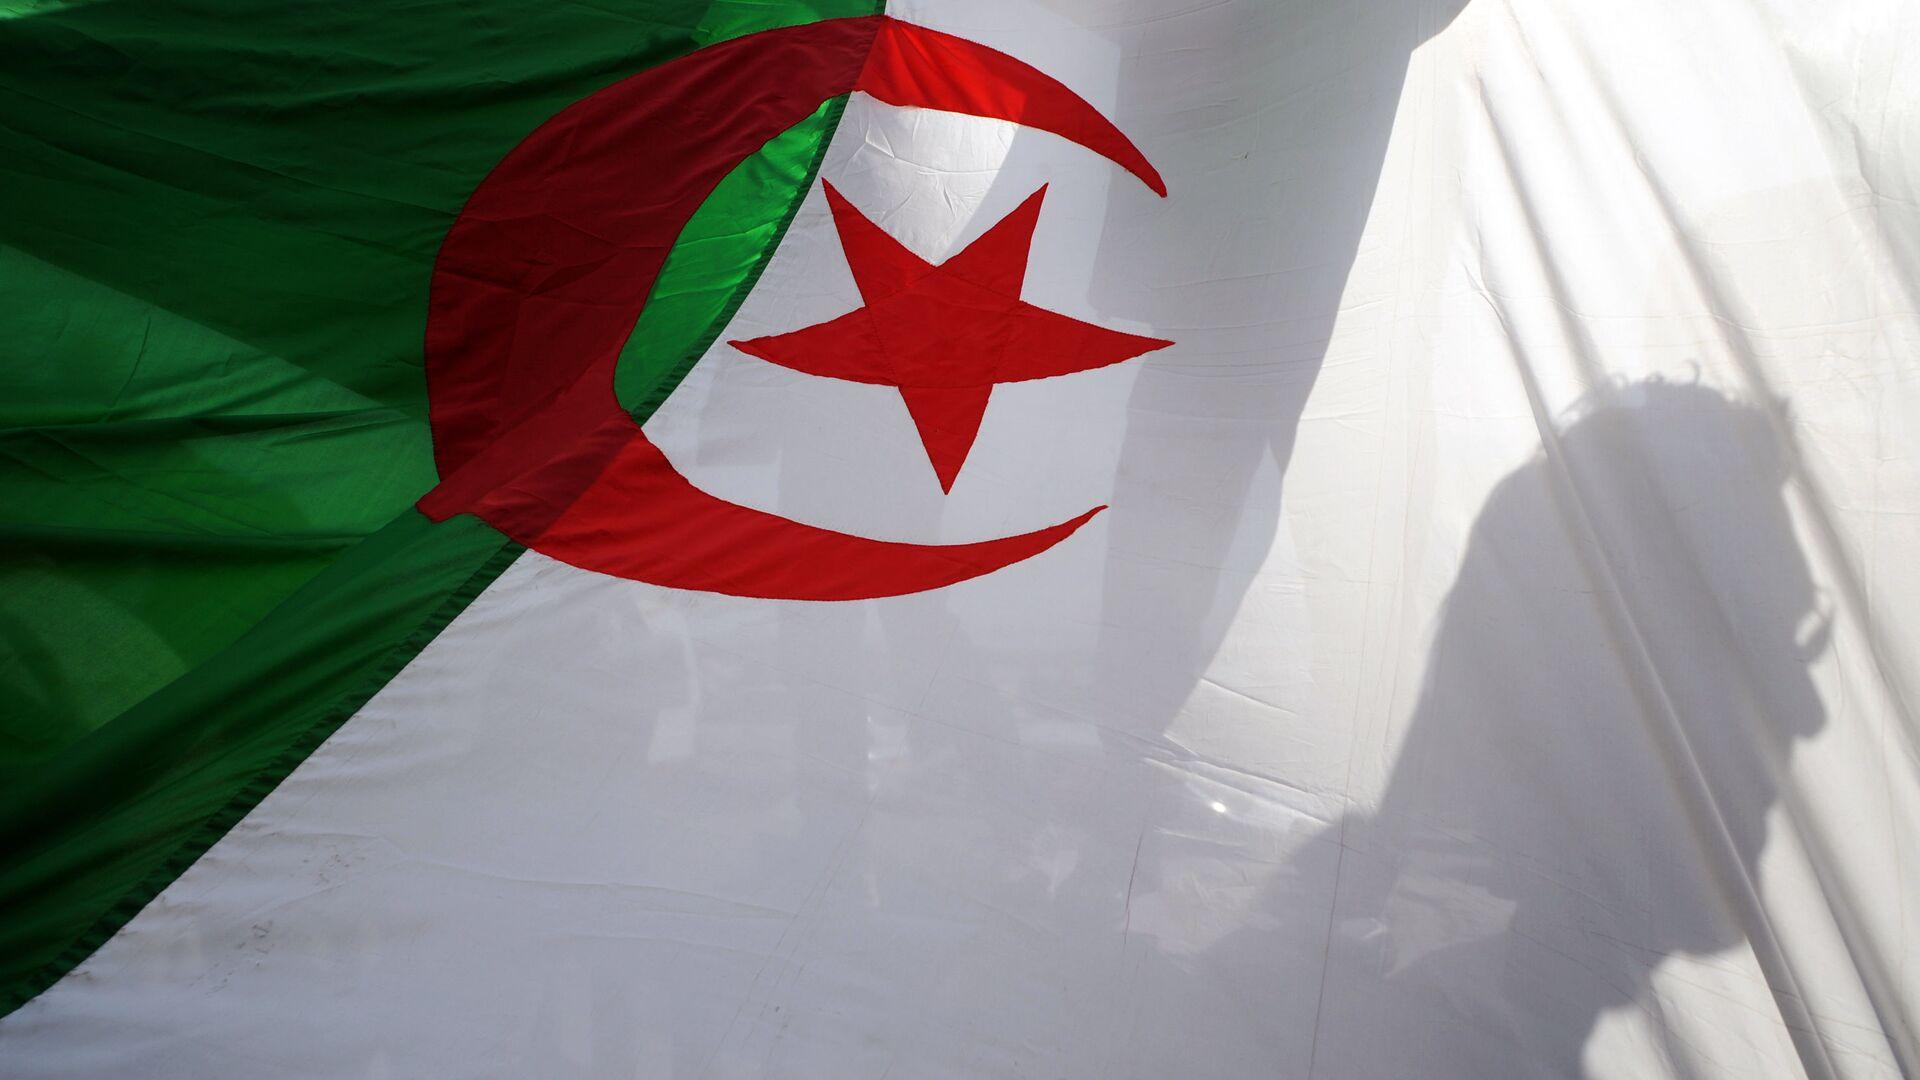 Alžírská vlajka - Sputnik Česká republika, 1920, 24.08.2021